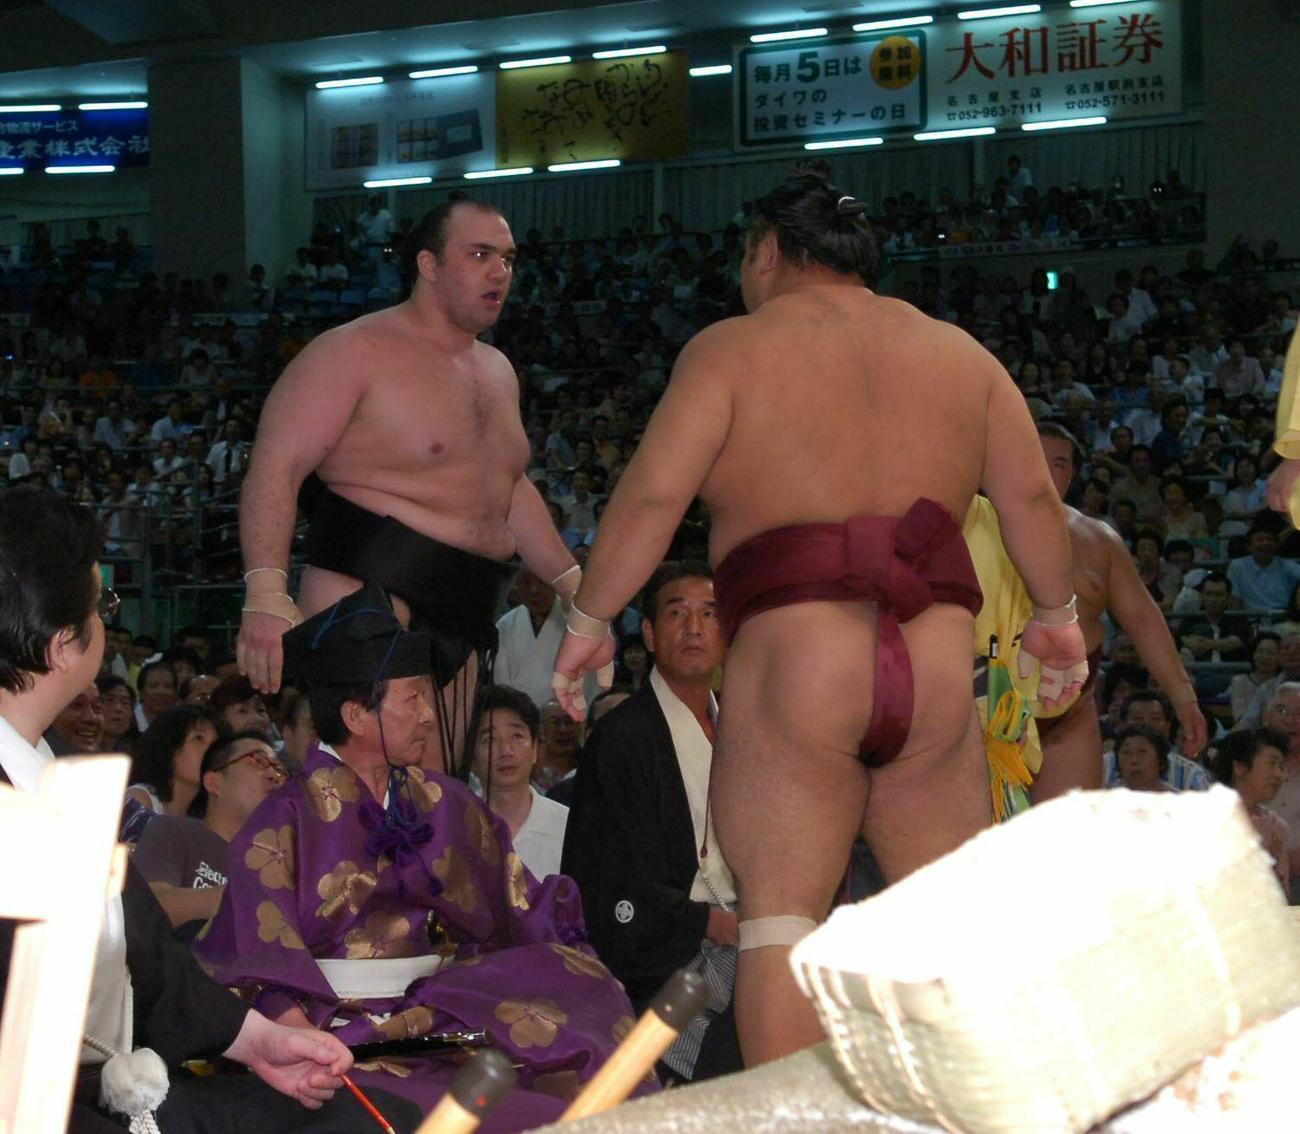 06年7月15日、大相撲名古屋場所7日目で土俵下でにらみ合う千代大海(右)と露鵬